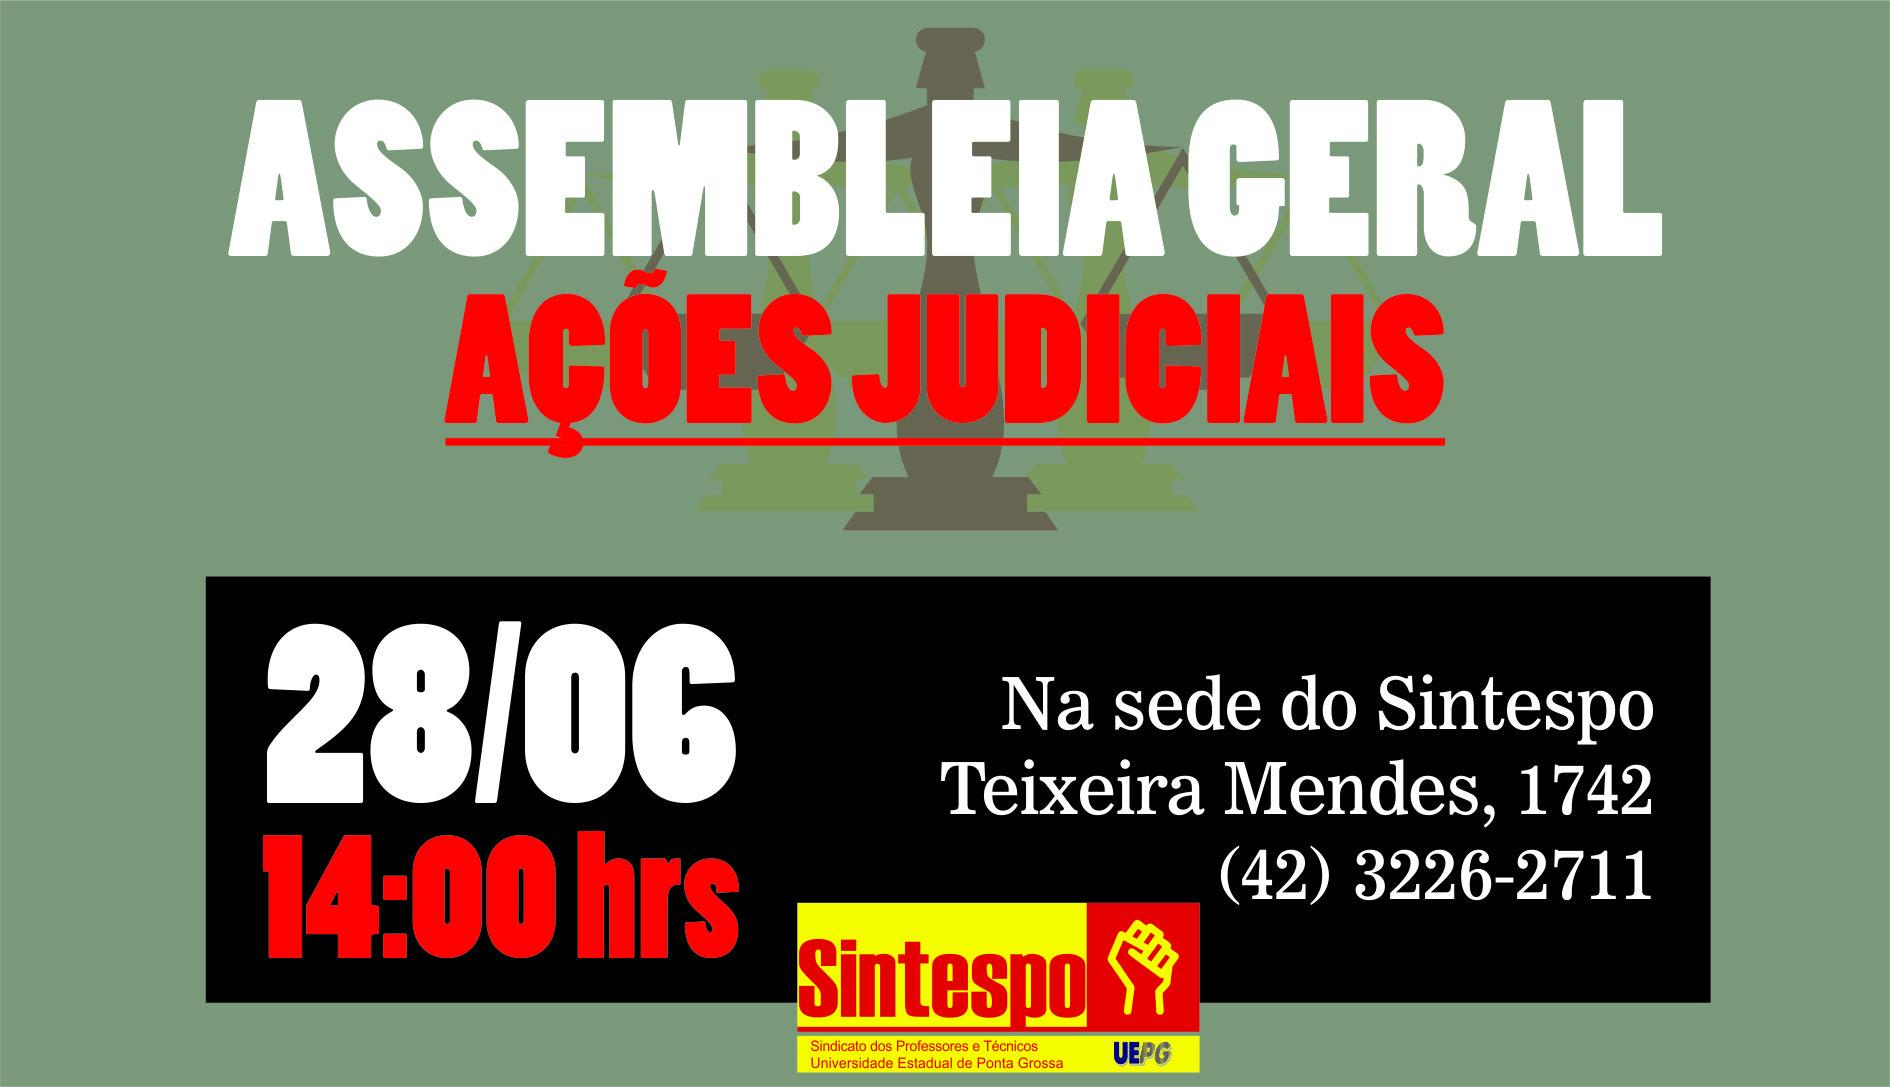 CONVOCAÇÃO: Assembleia Geral Extraordinária – Ações Judicias – 28/06